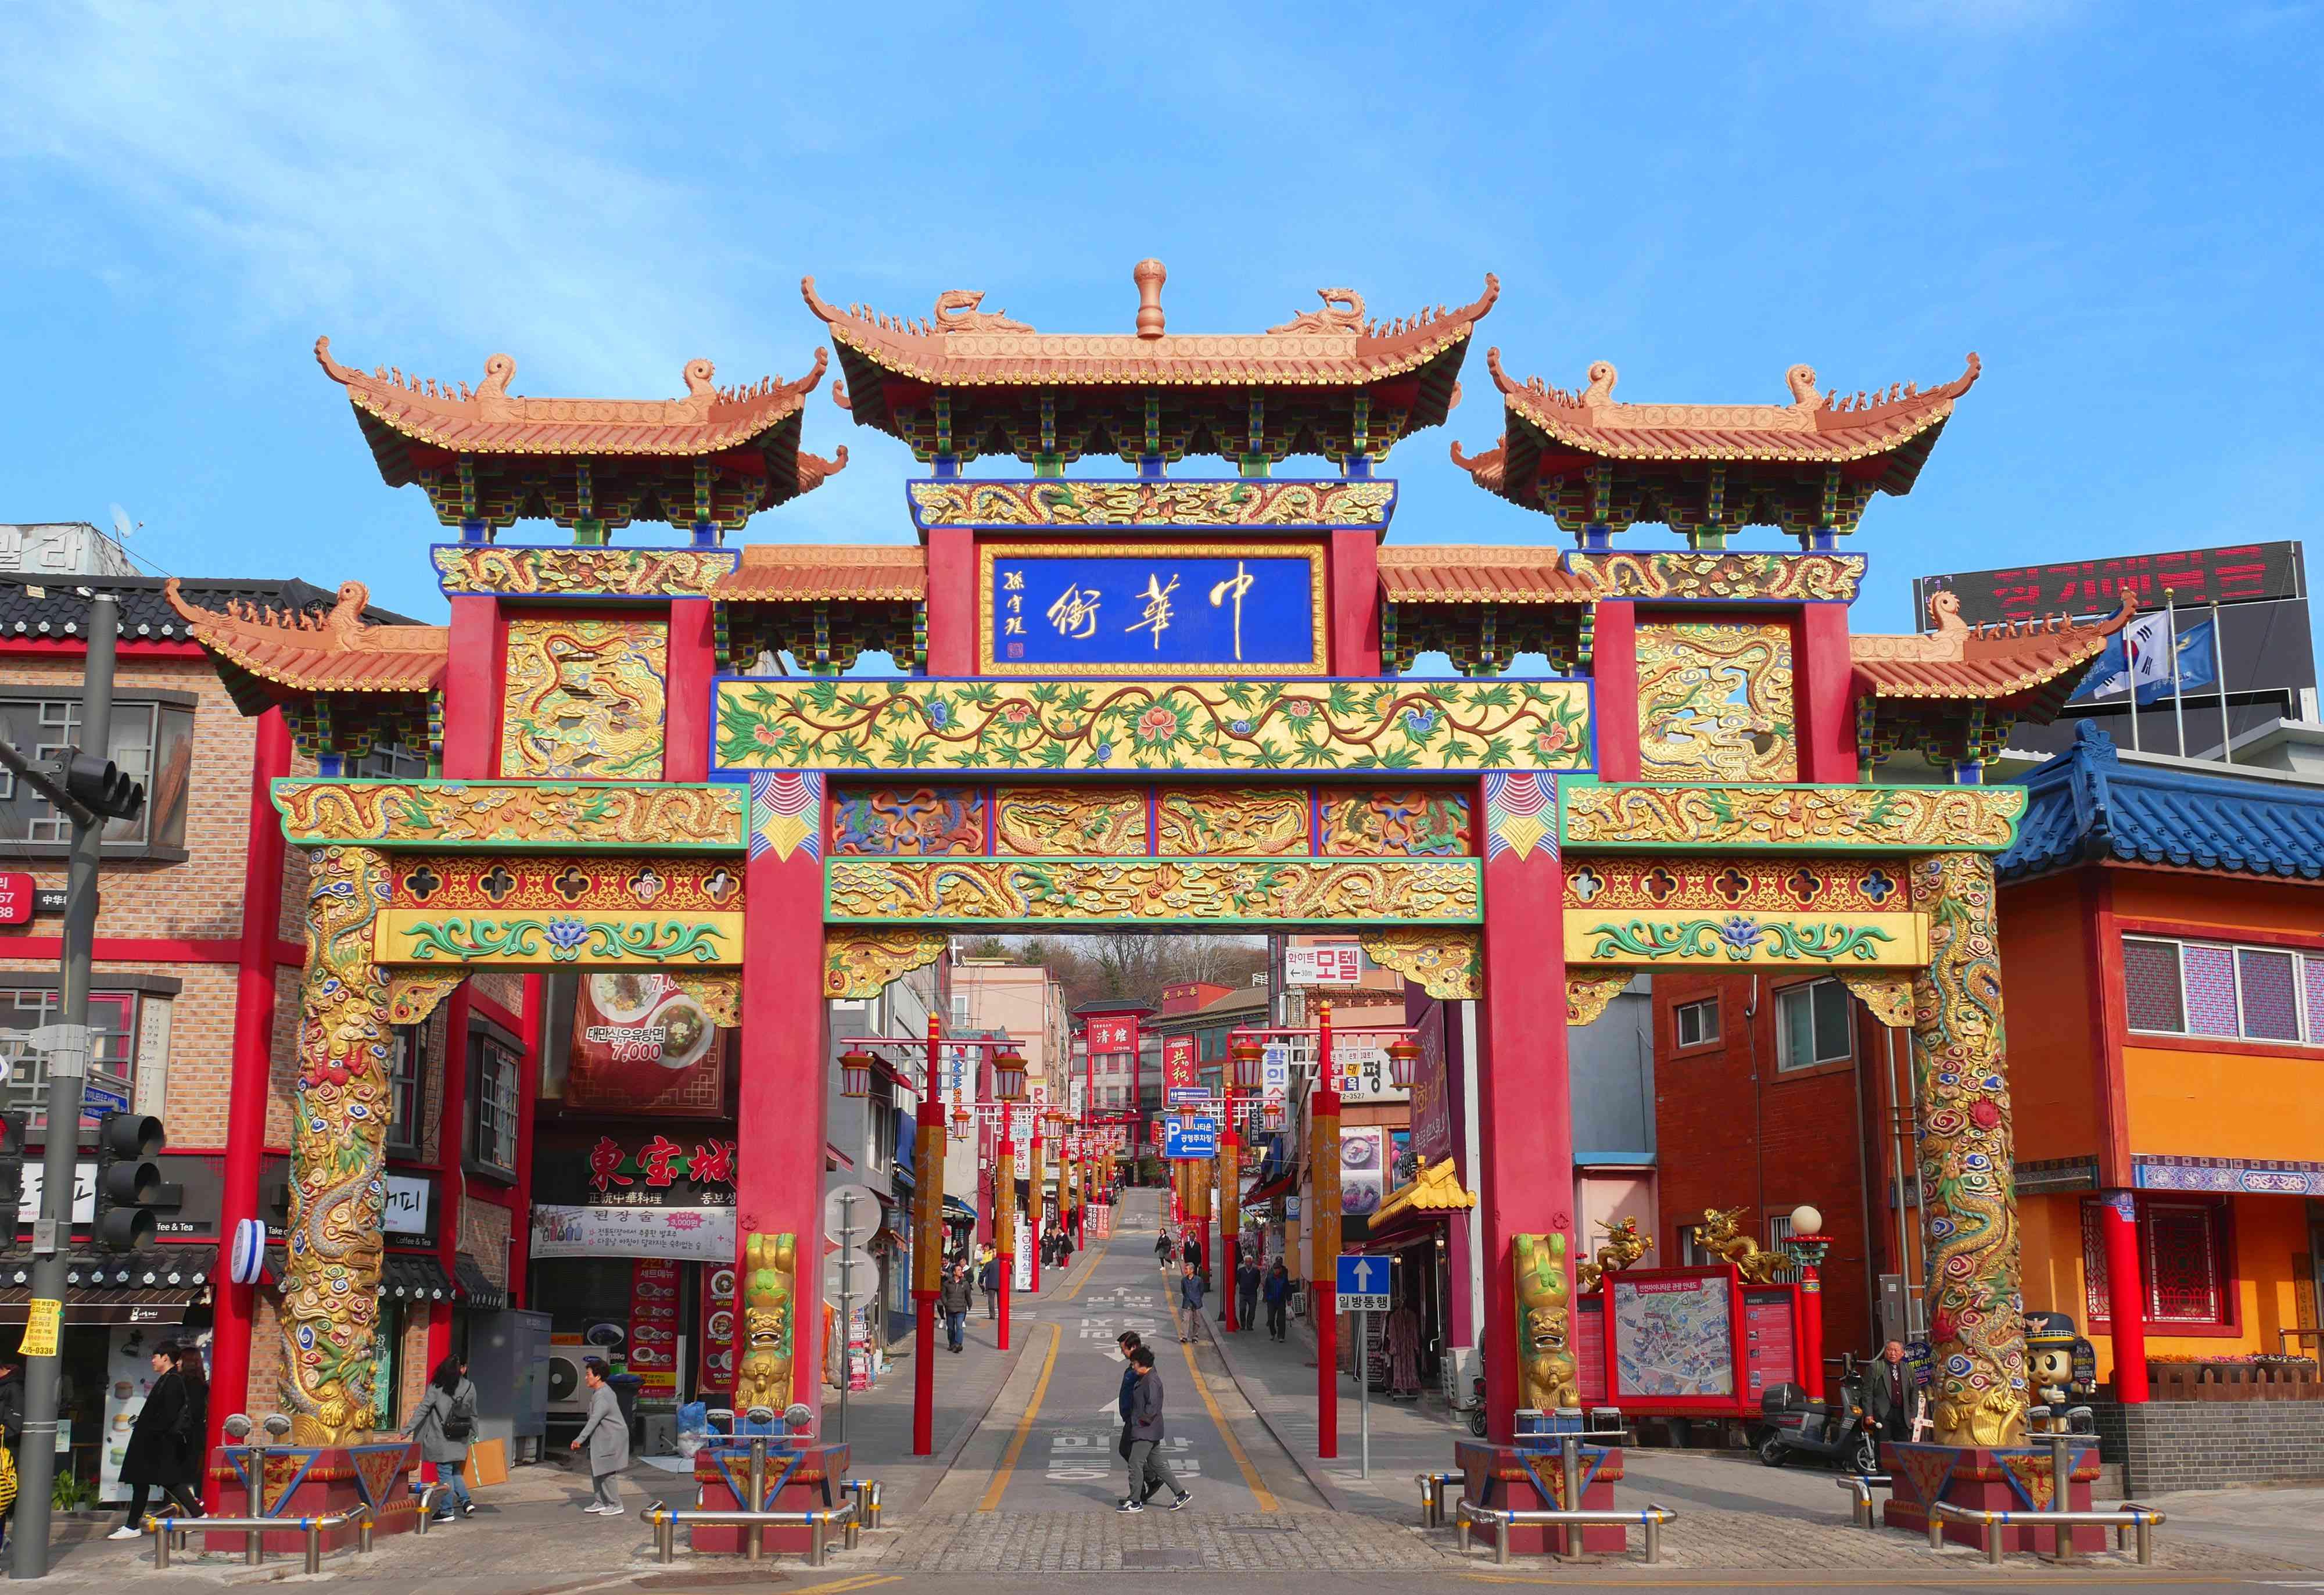 Ciudad China de Incheon, Corea del Sur